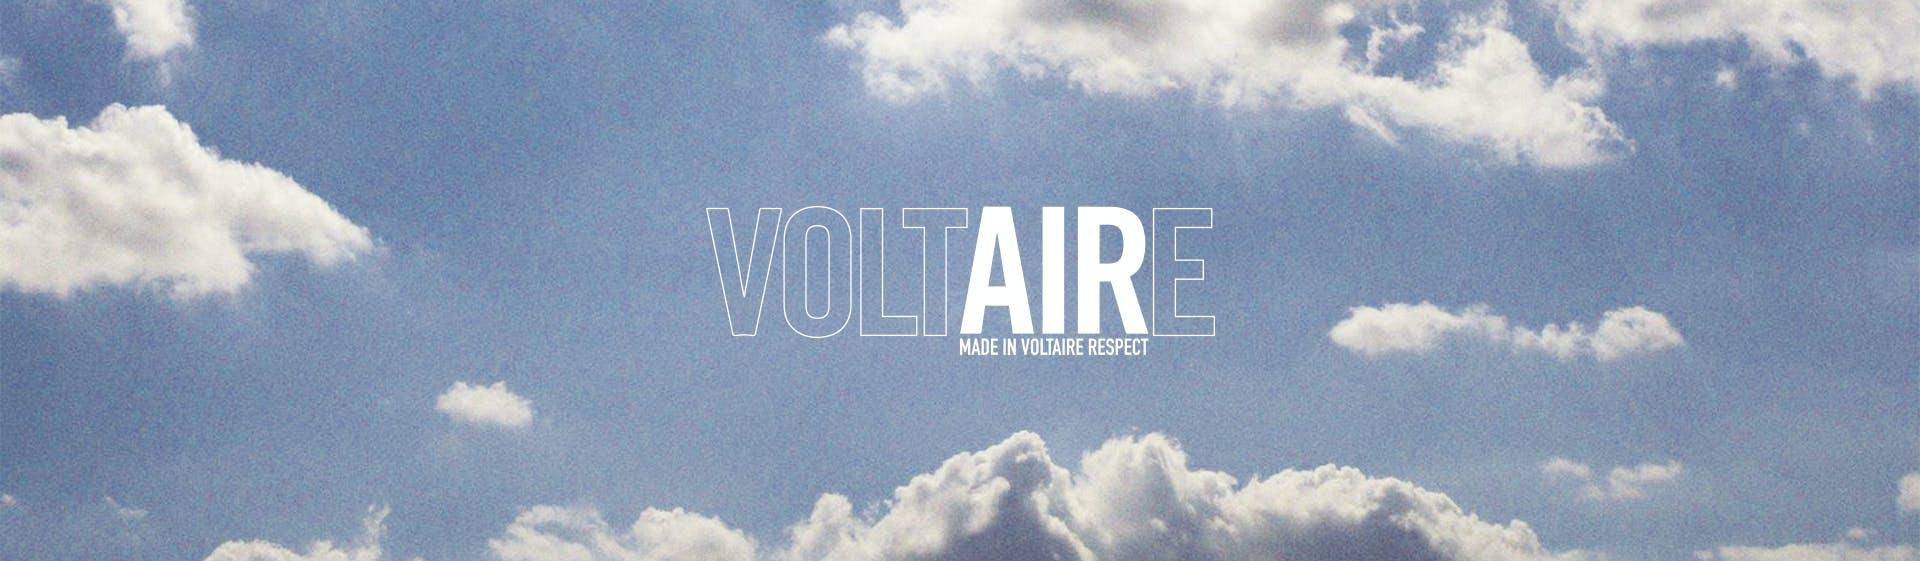 Voltaire program logo top-banner desktop